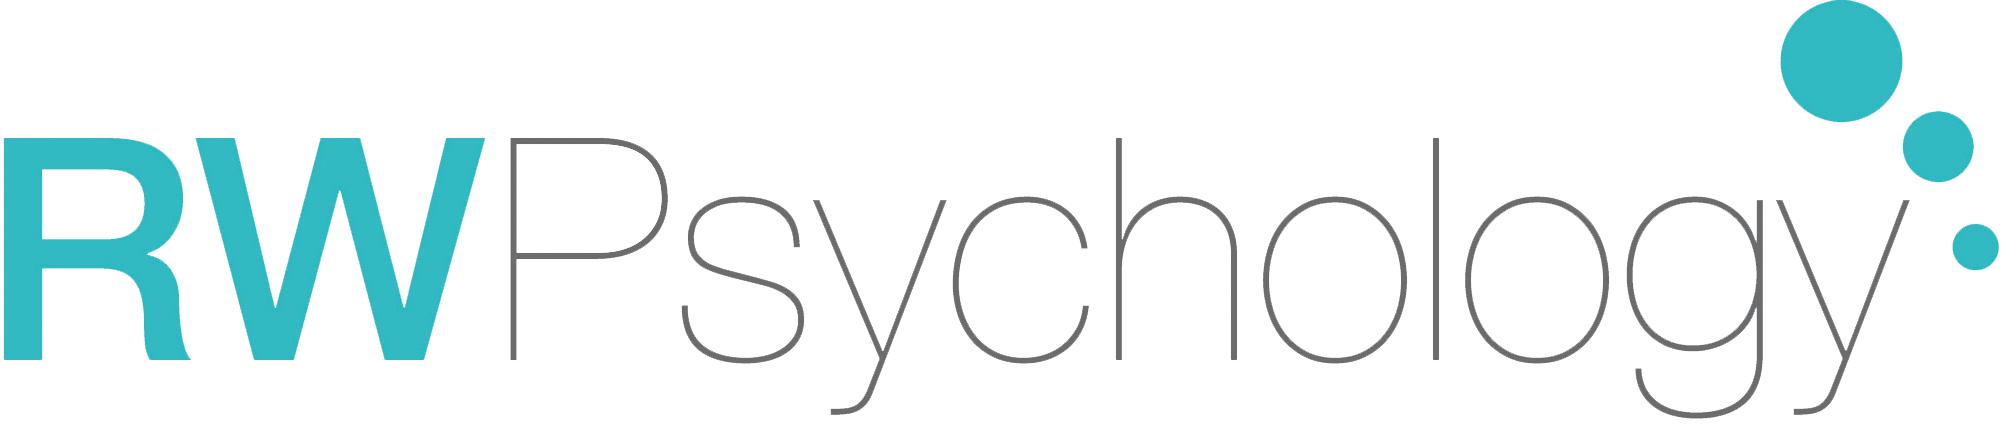 rwpsycholog-logo